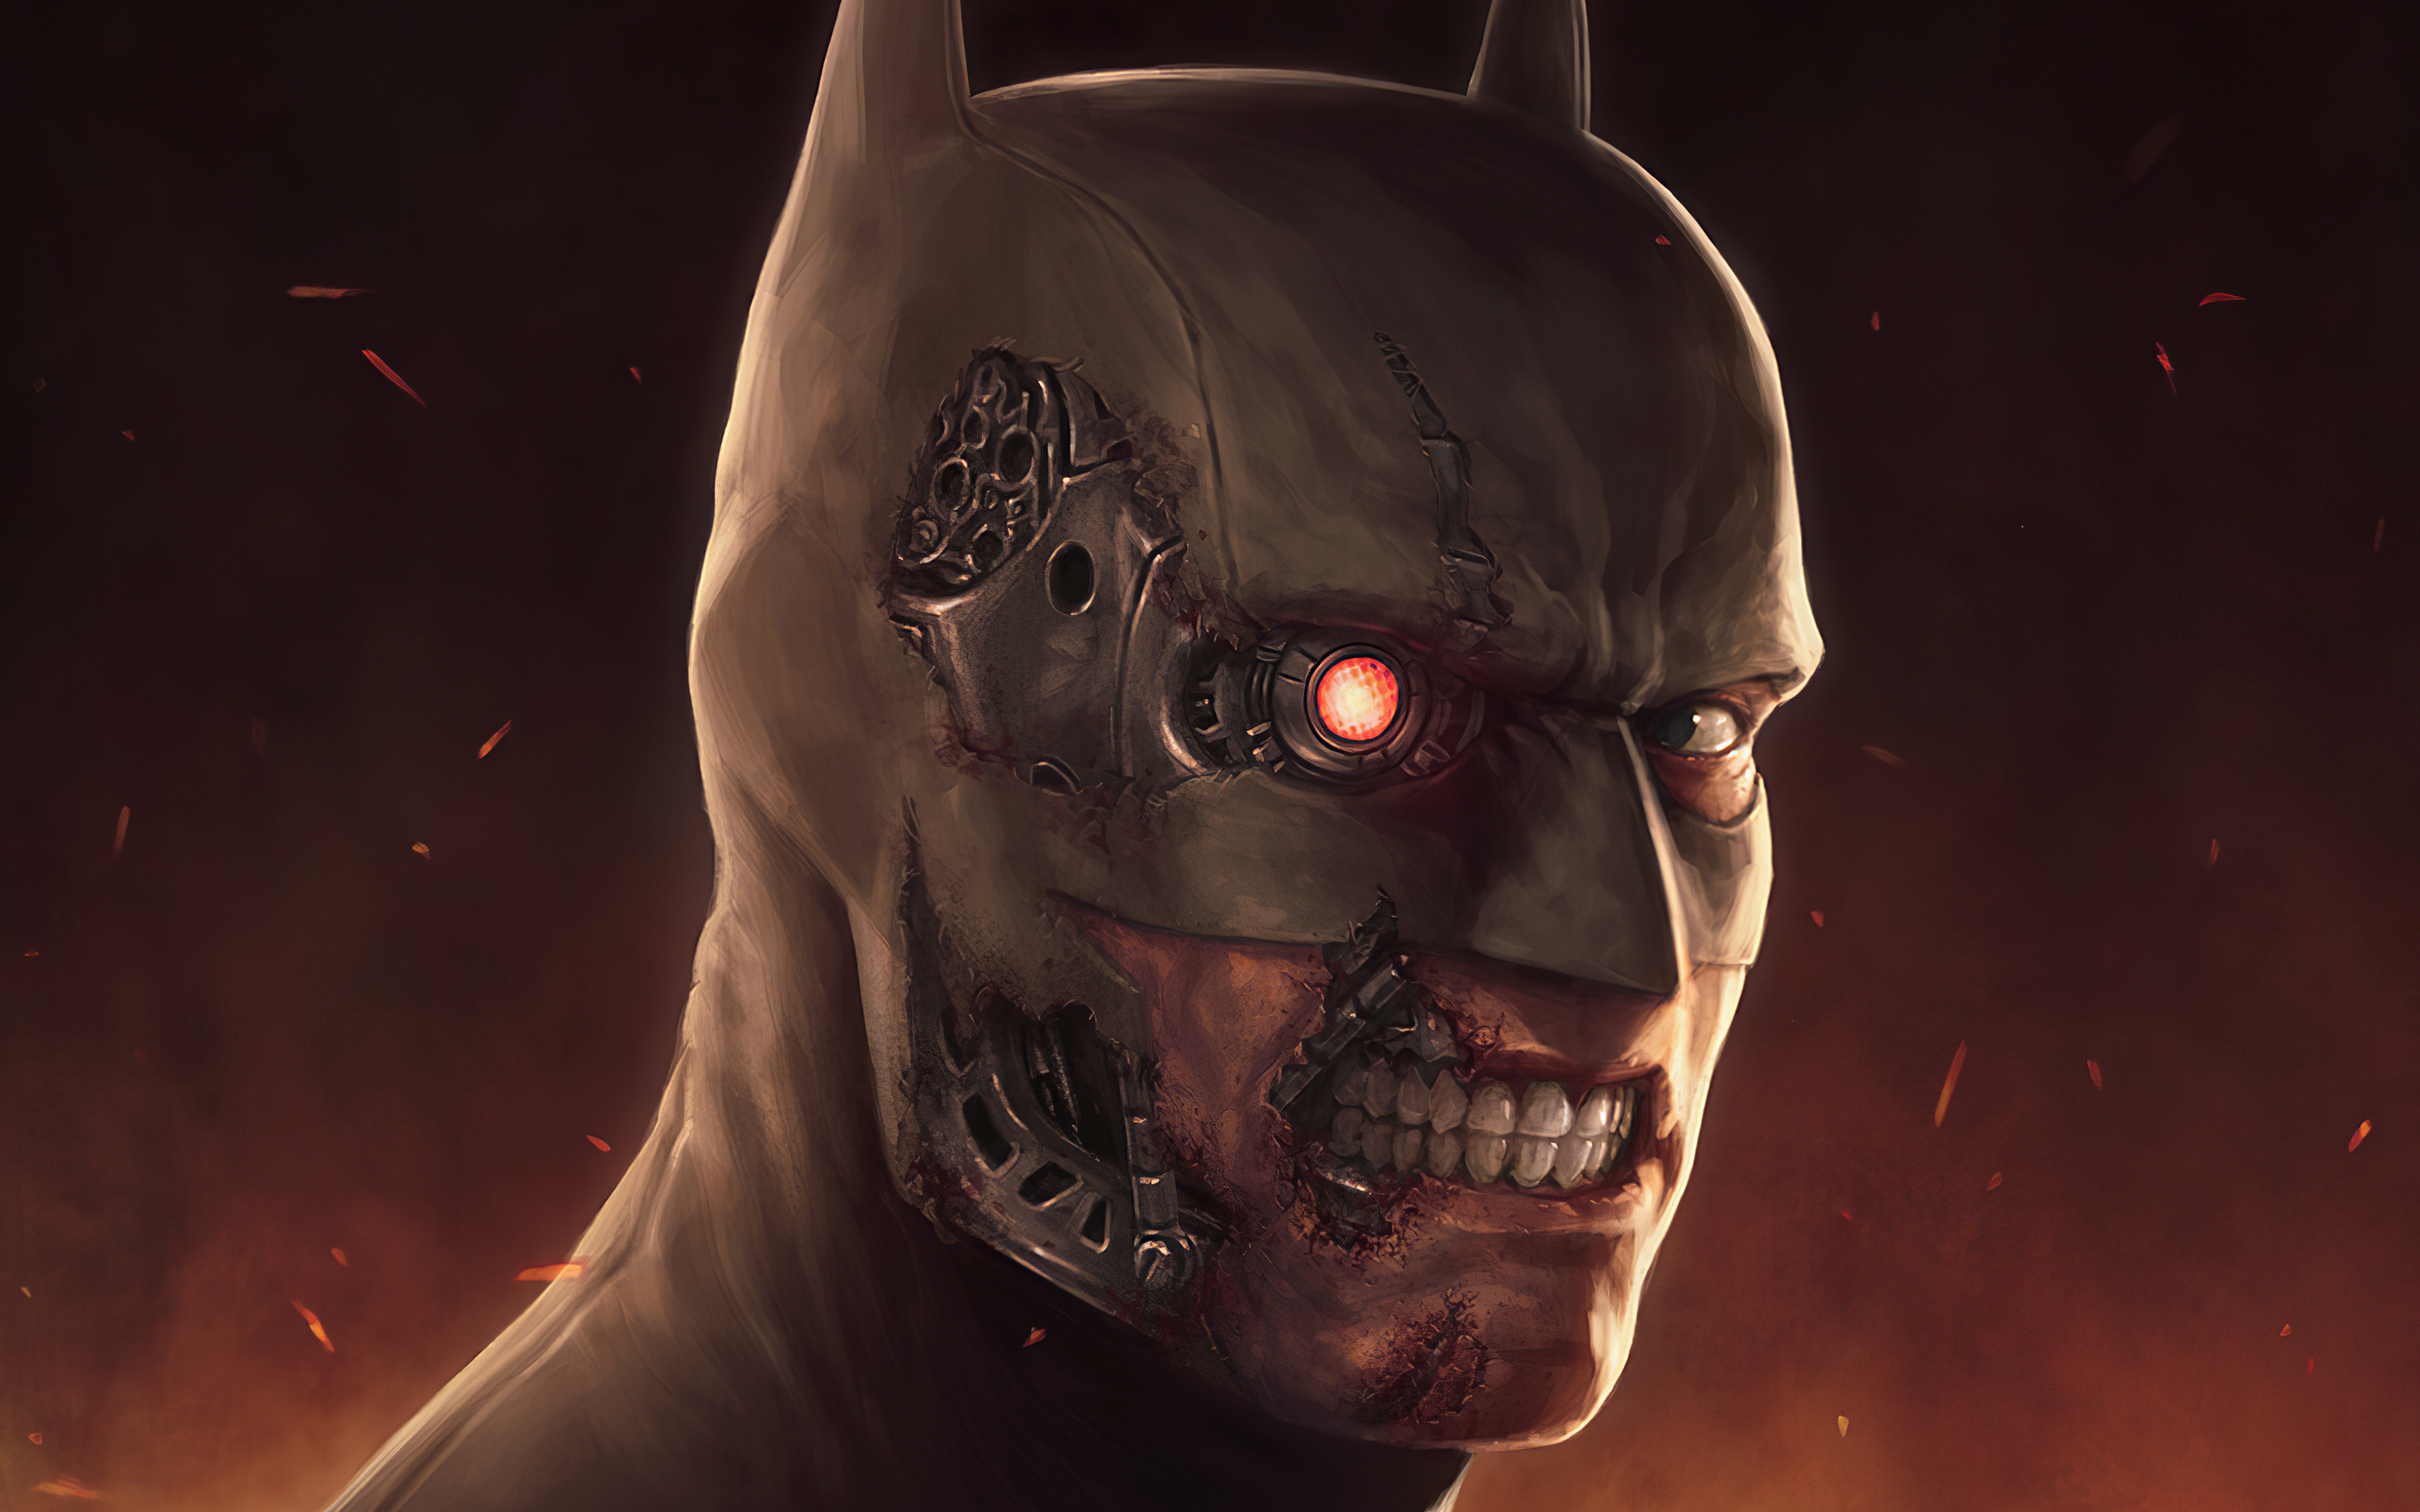 batman the batminator art 1576097574 - Batman The Batminator Art - dark knight wallpaper 4k, batman wallpaper phone hd 4k, batman wallpaper 4k, batman art wallpaper 4k, Batman 4k hd wallpaper